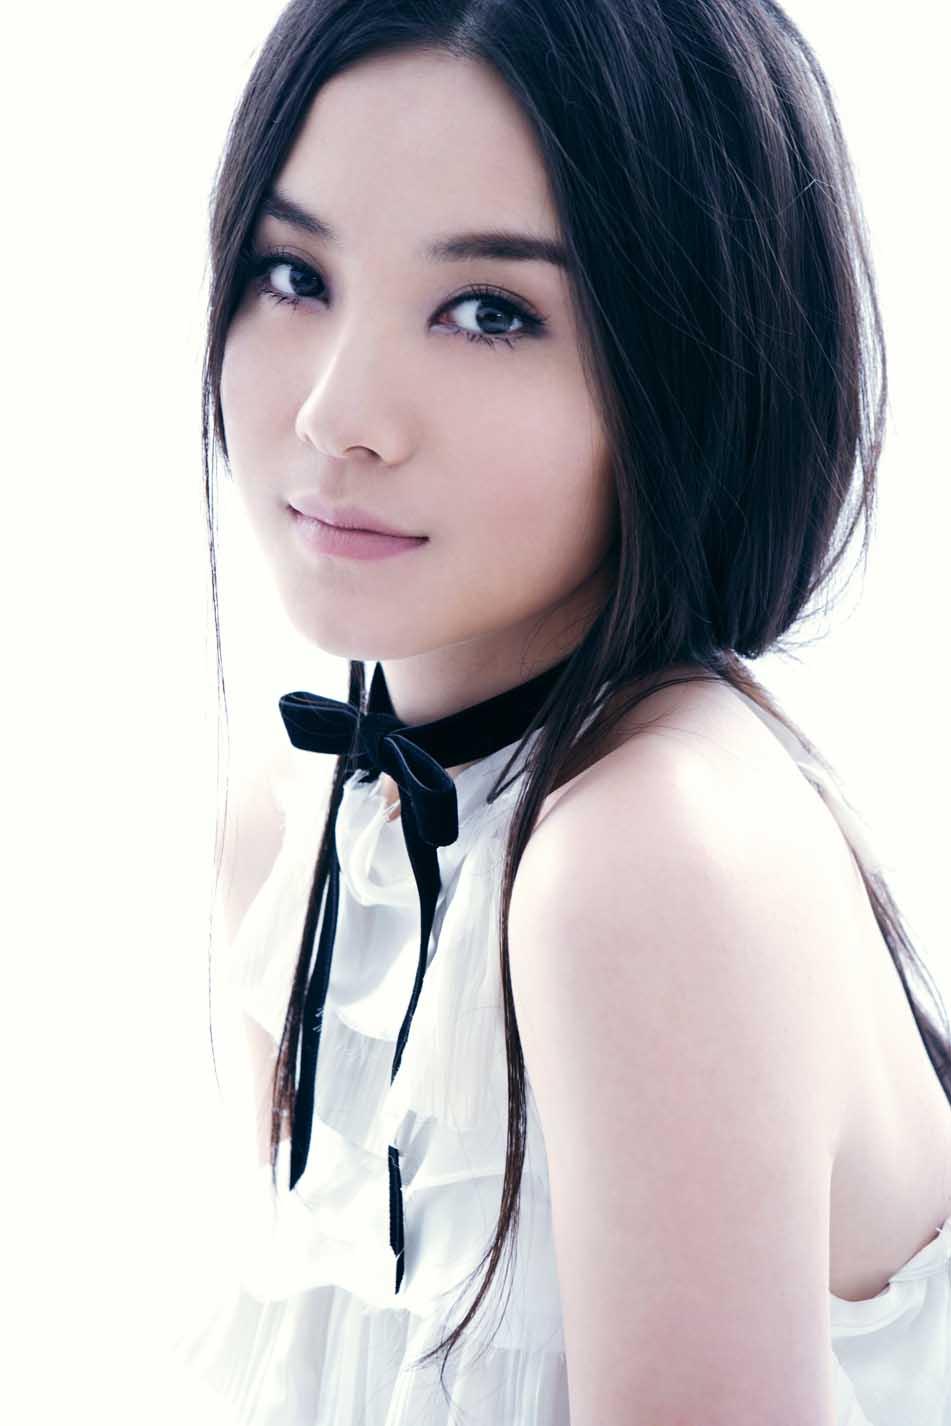 小宋佳是在音乐学院一个师姐的建议下考入上海